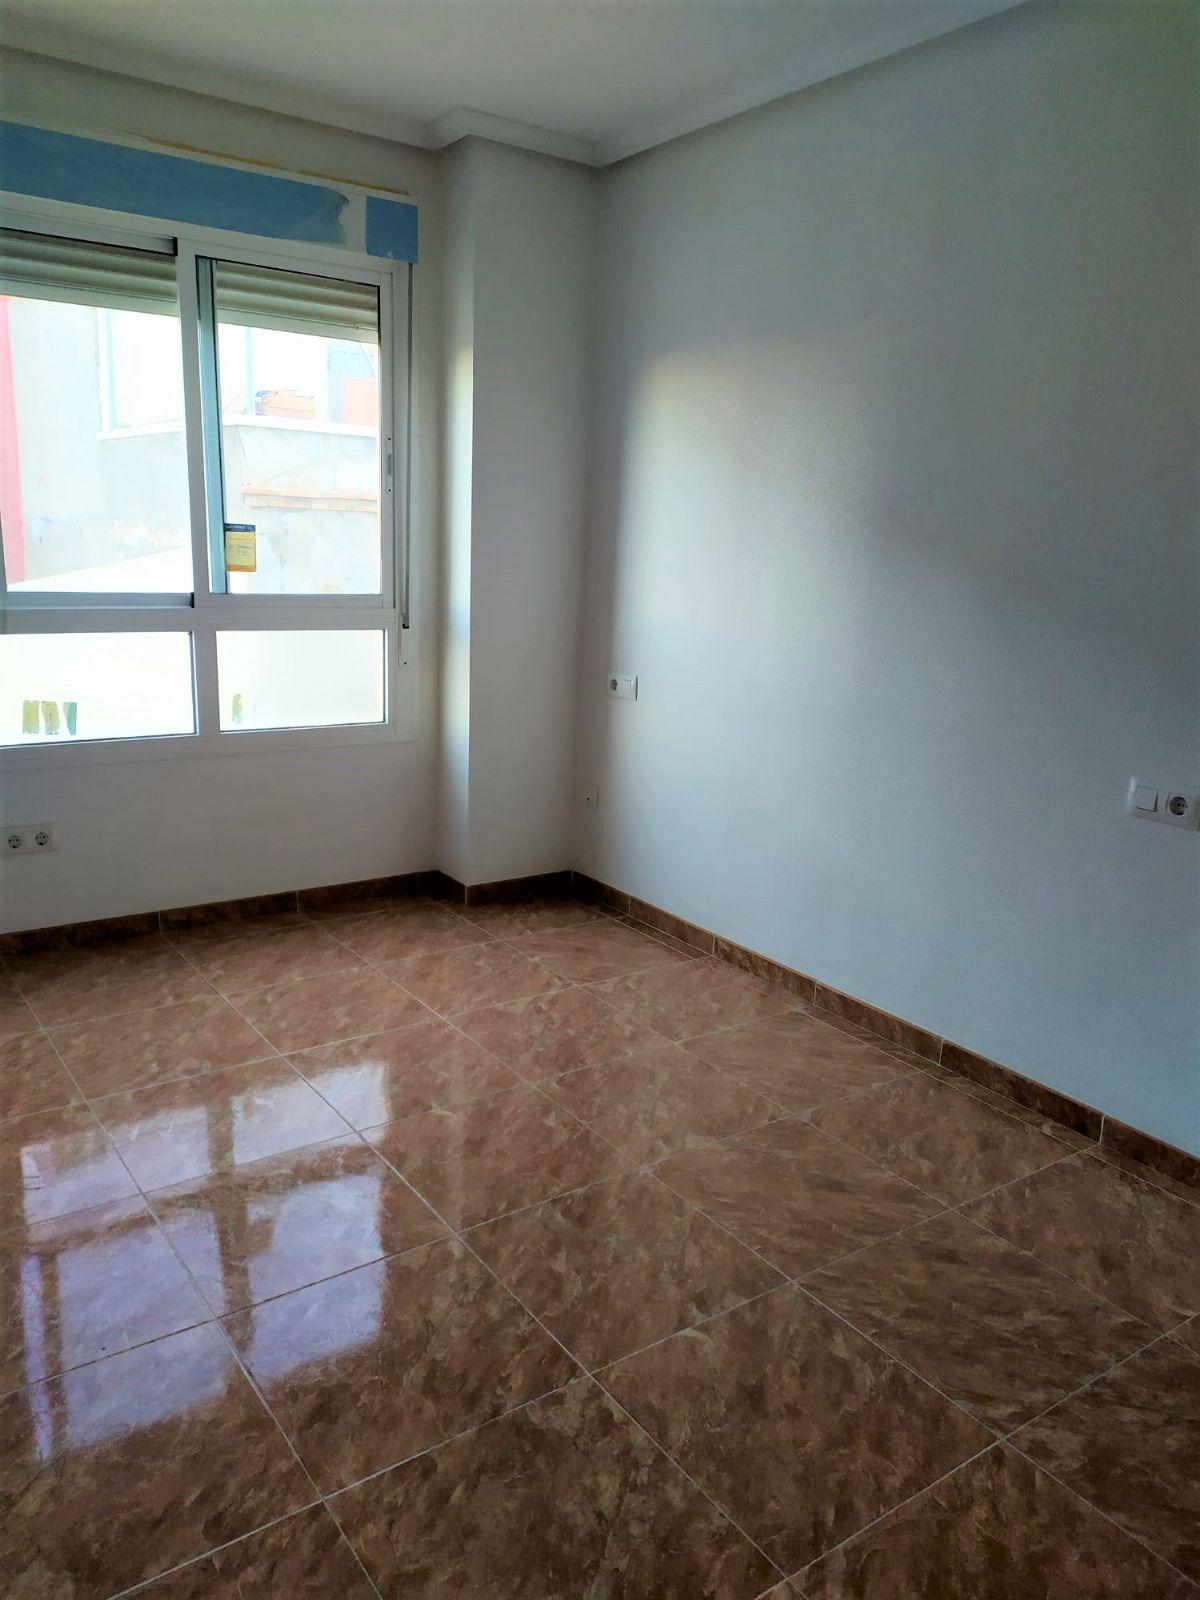 Piso en venta en 40004, Almería, Almería, Calle Nador, 45.000 €, 2 habitaciones, 1 baño, 51 m2